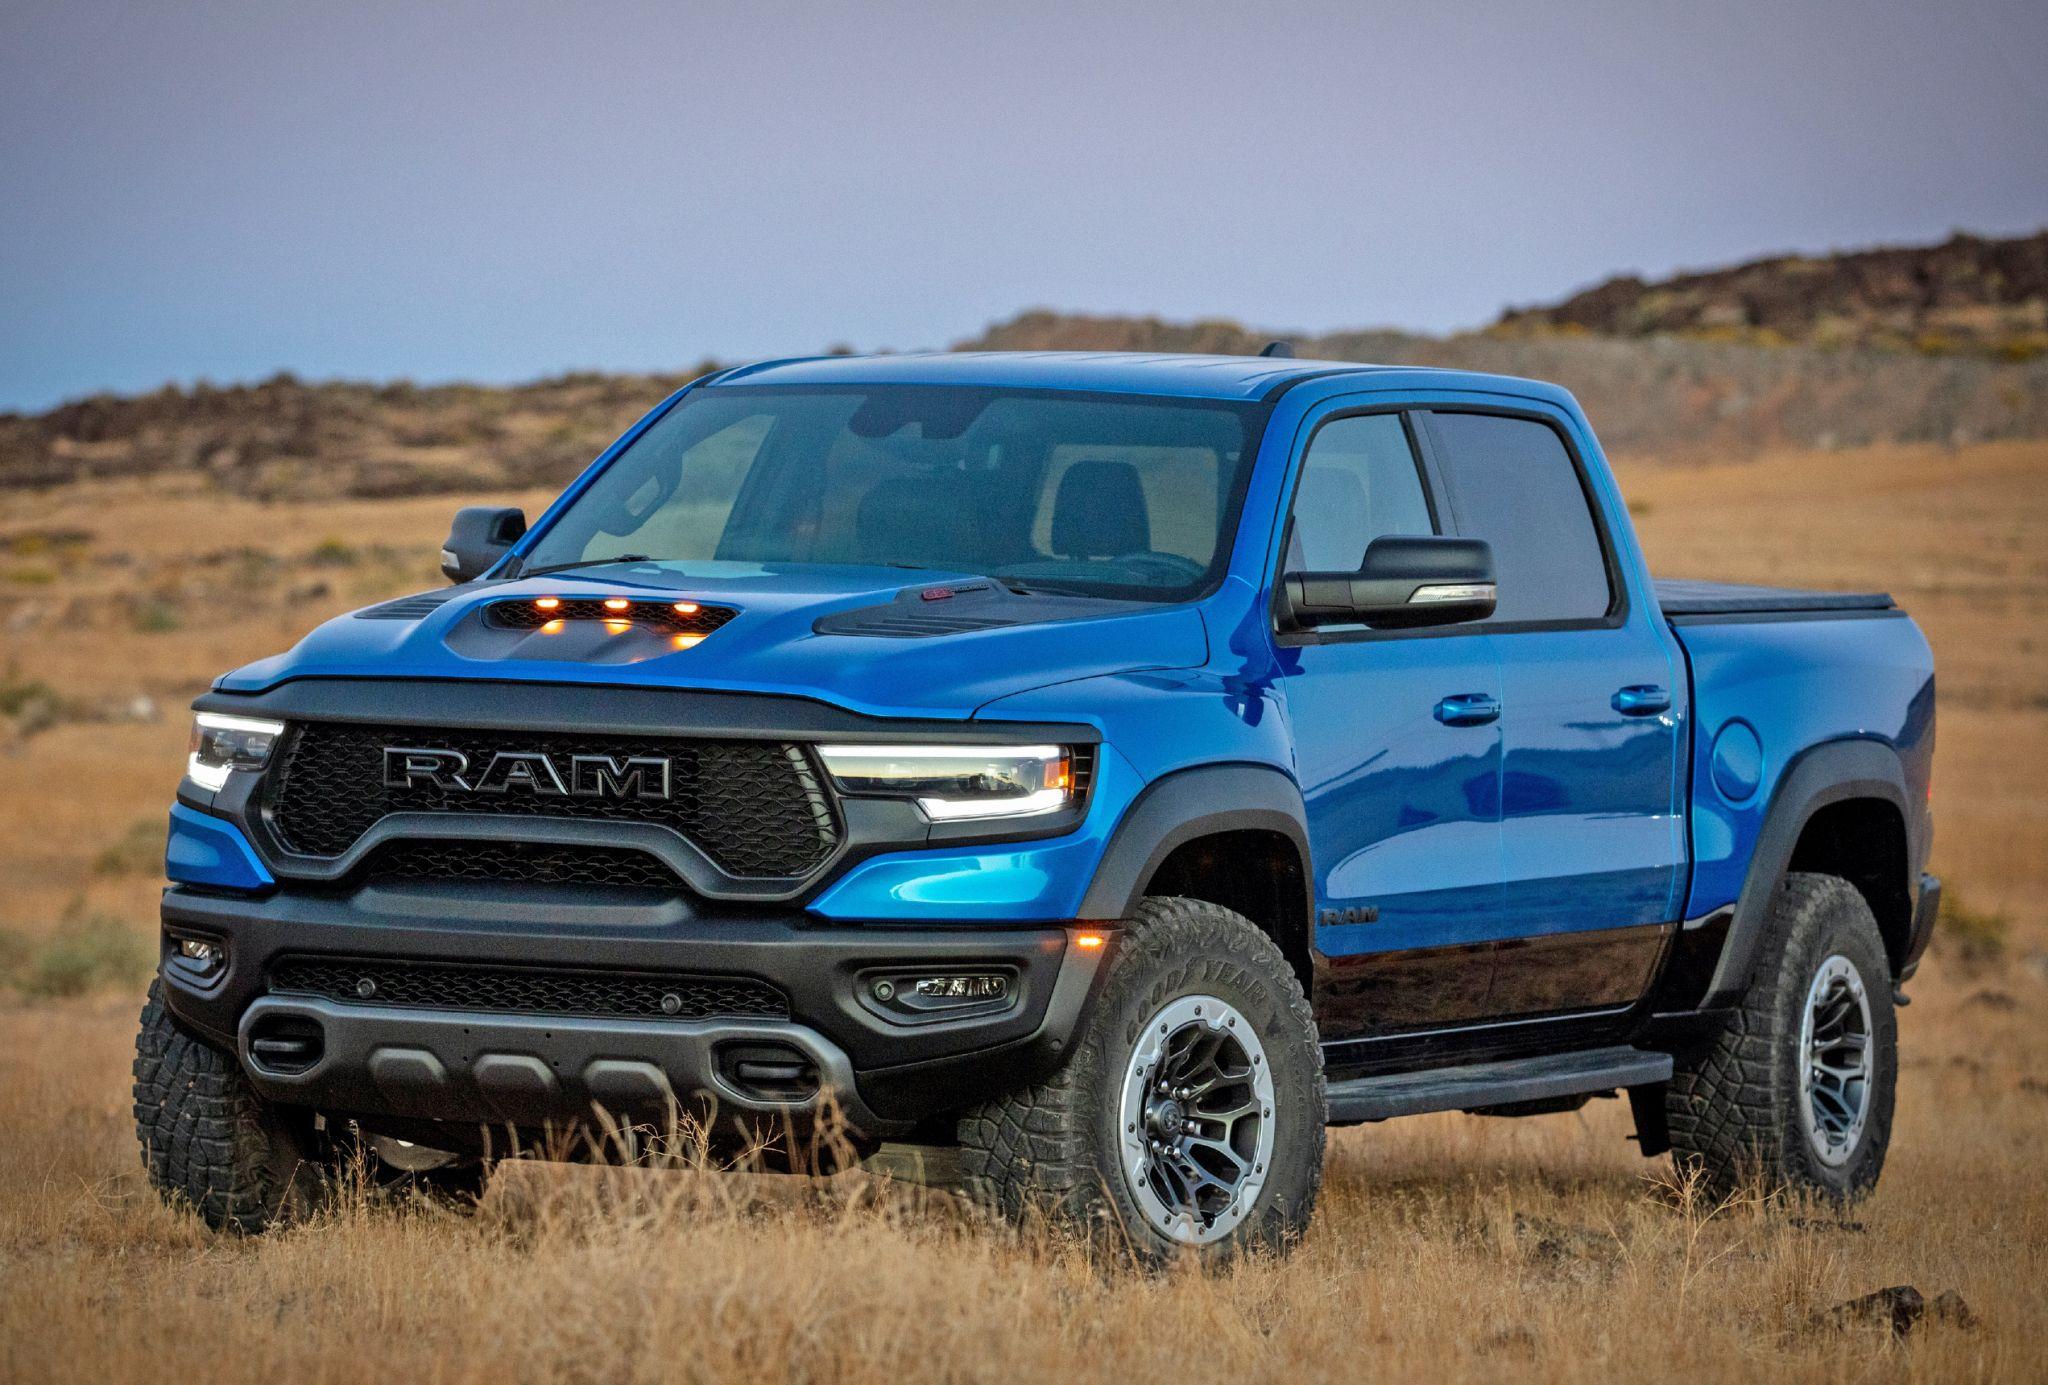 Ram 1500 TRX con 702 caballos de fuerza lleva la camioneta a un nivel completamente nuevo